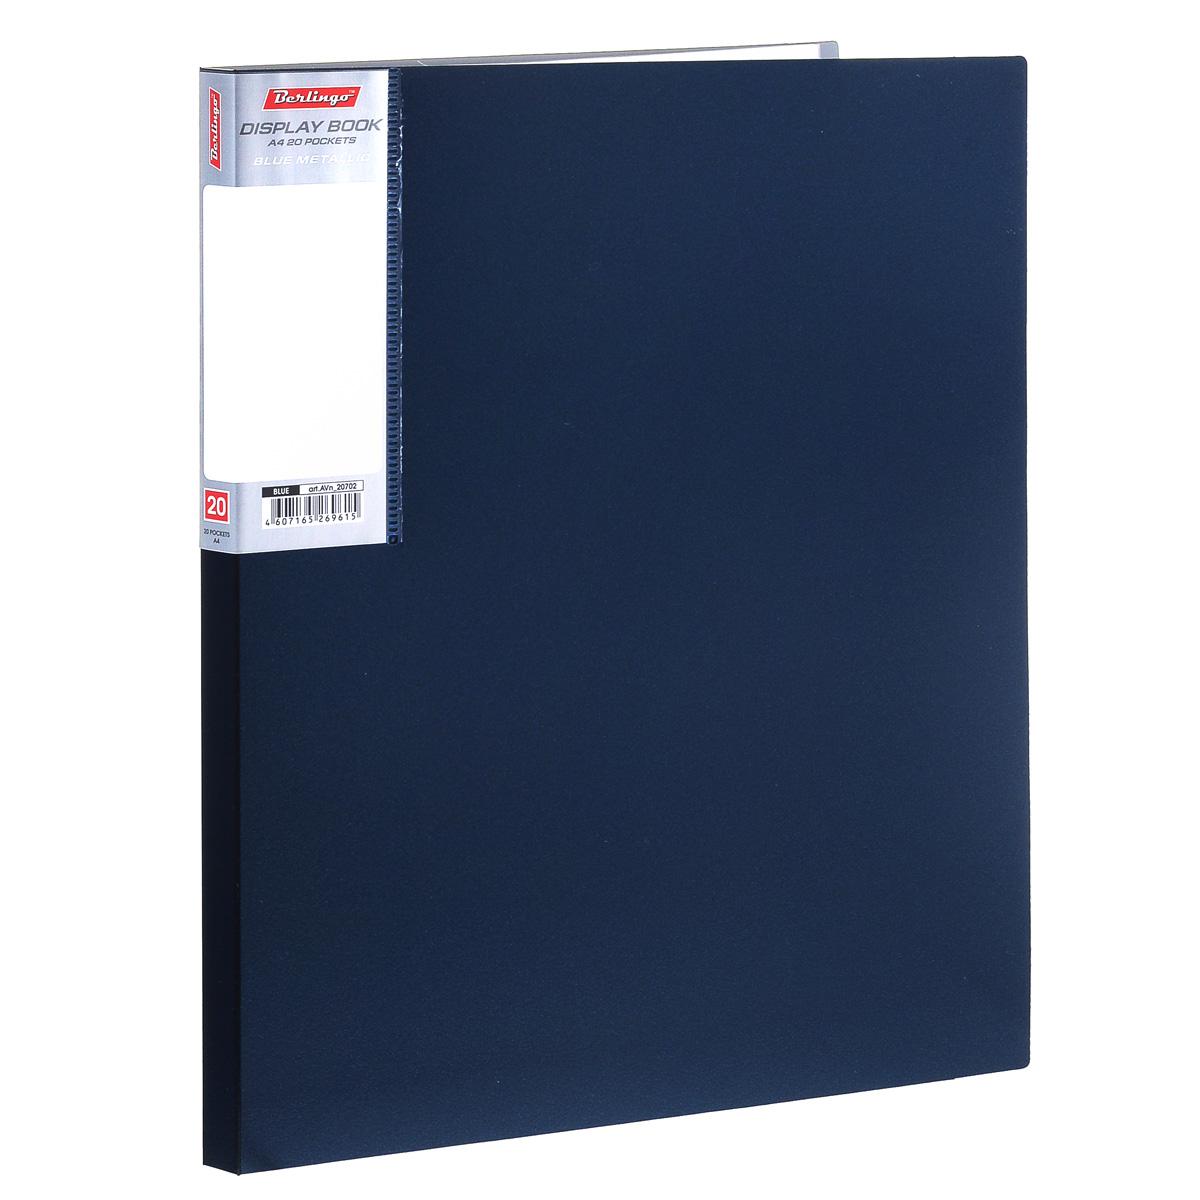 Папка Berlingo Metallic, на 20 файлов, цвет: темно-синий. Формат А4AVn_20702Папка Berlingo Metallic - это удобный и функциональный офисный инструмент, предназначенный для хранения и транспортировки рабочих бумаг и документов формата А4. Обложка папки изготовлена из прочного непрозрачного пластика с оформлением под металлик. Папка включает в себя 20 прозрачных файлов формата А4. Папка - это незаменимый атрибут для студента, школьника, офисного работника. Такая папка надежно сохранит ваши документы и сбережет их от повреждений, пыли и влаги.